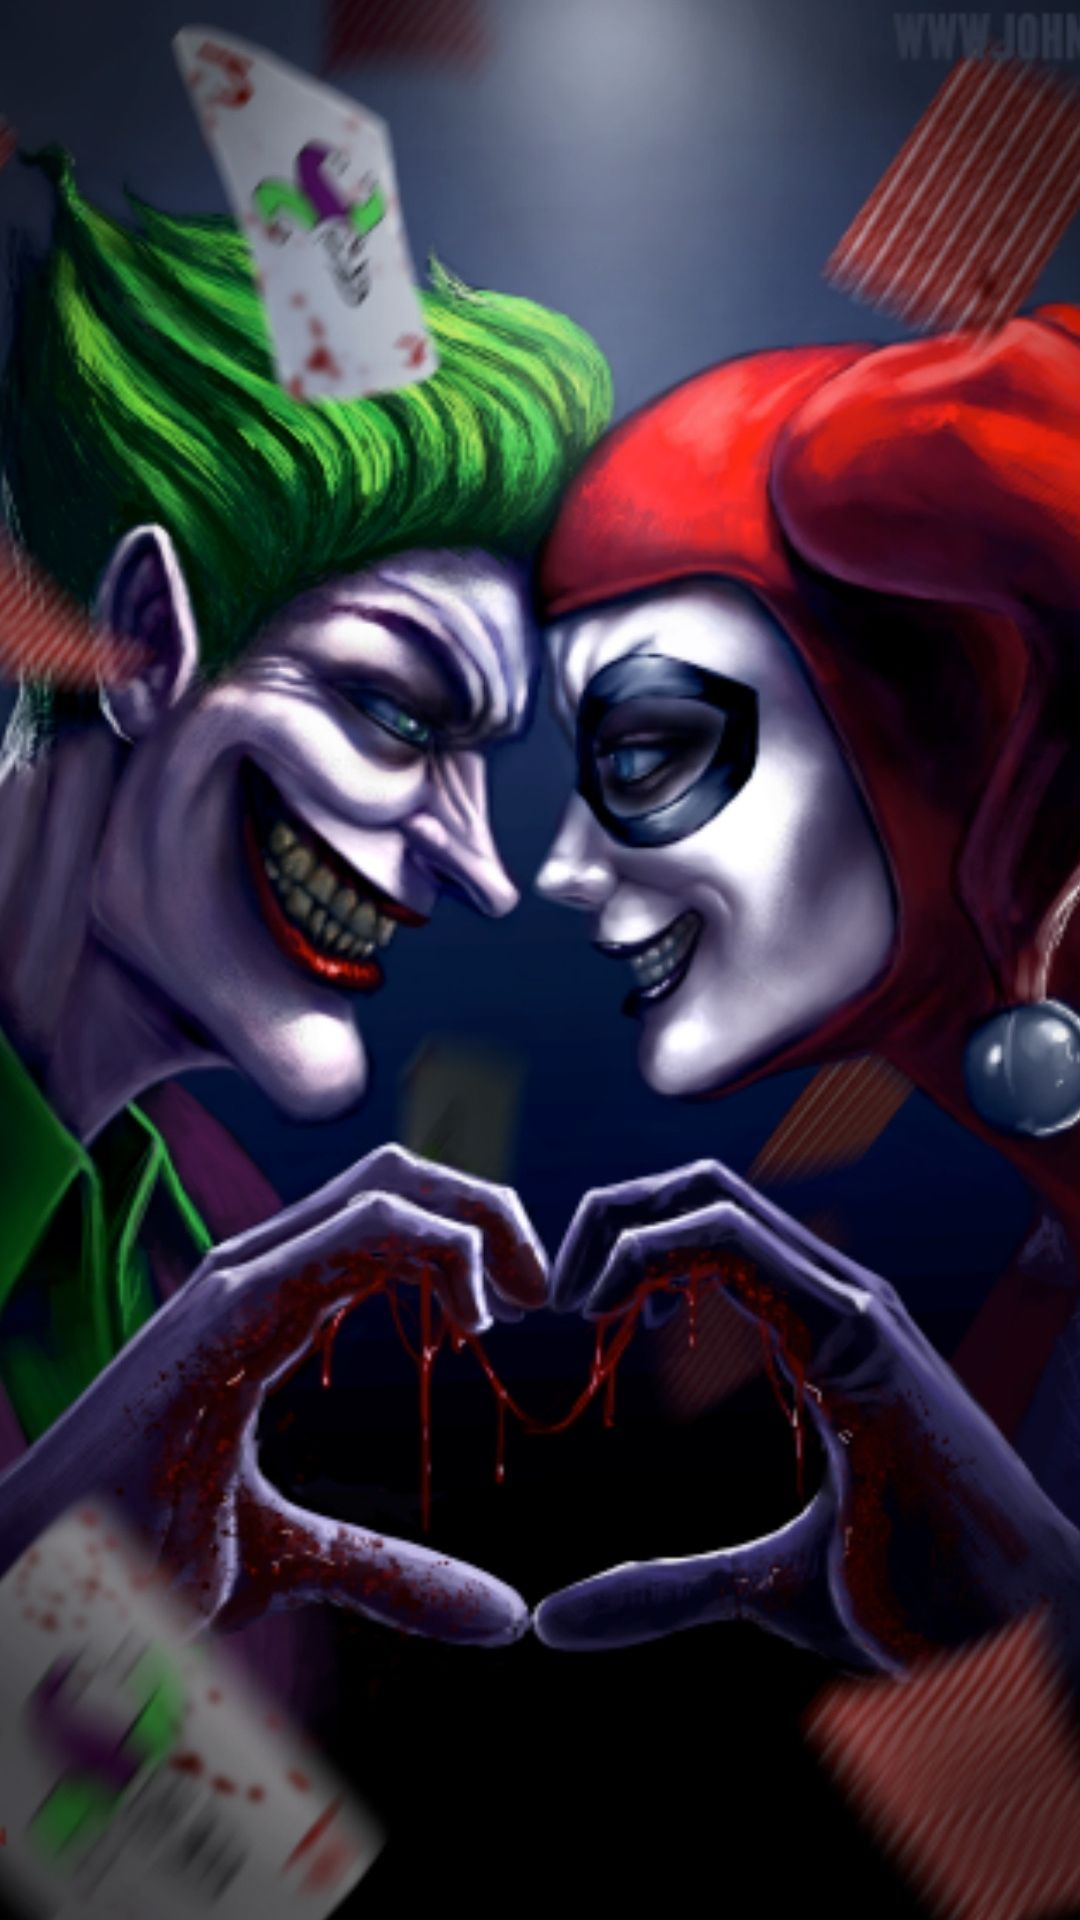 The Joker Iphone Wallpaper Download Best The Joker Iphone Wallpaperfor Iphone Wallpaper Inhd You Can Fi Coringa E Harley Arlequina E Coringa Desenho Coringa